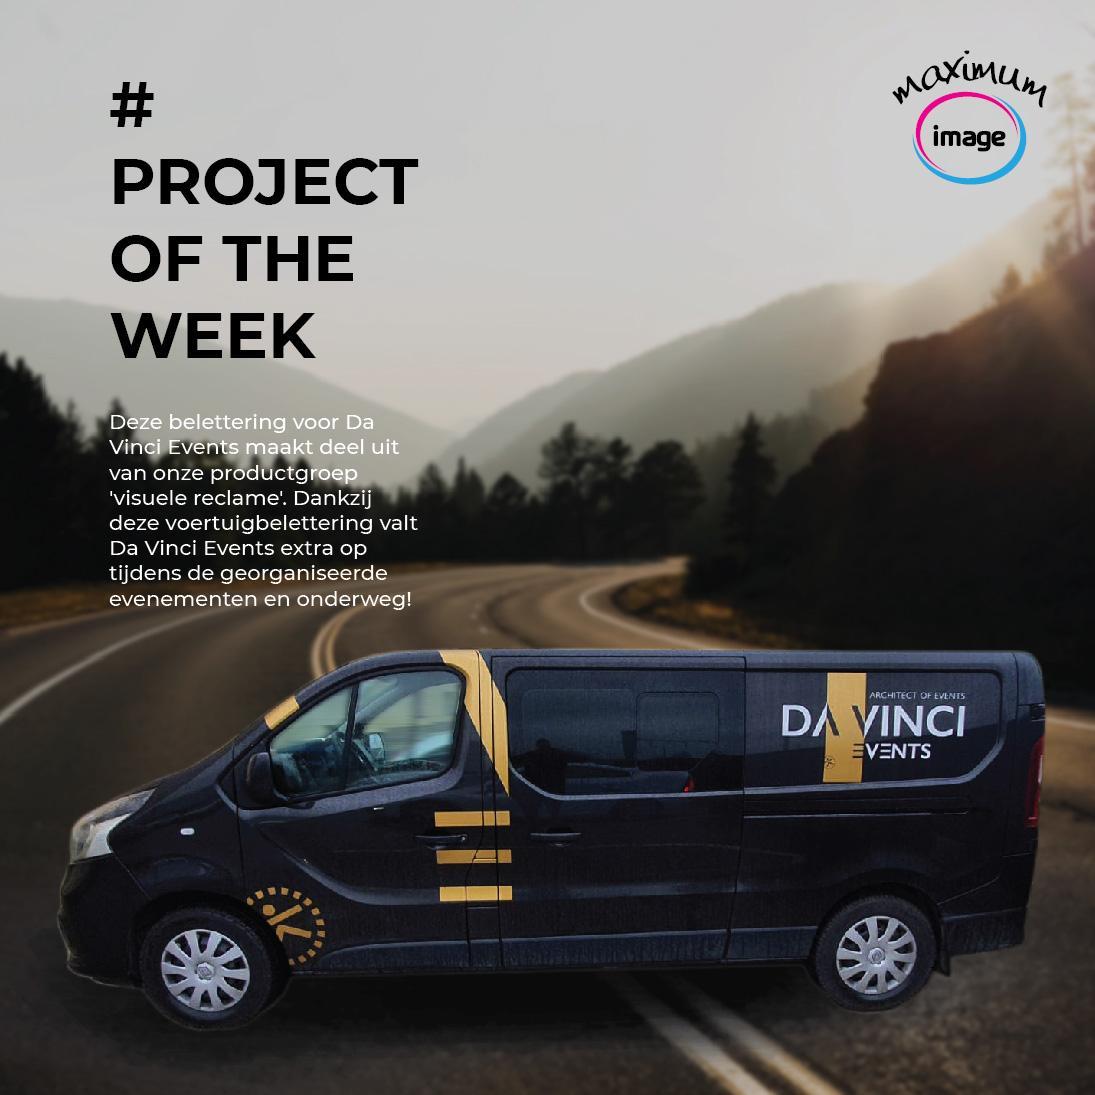 #ProjectOfTheWeek9